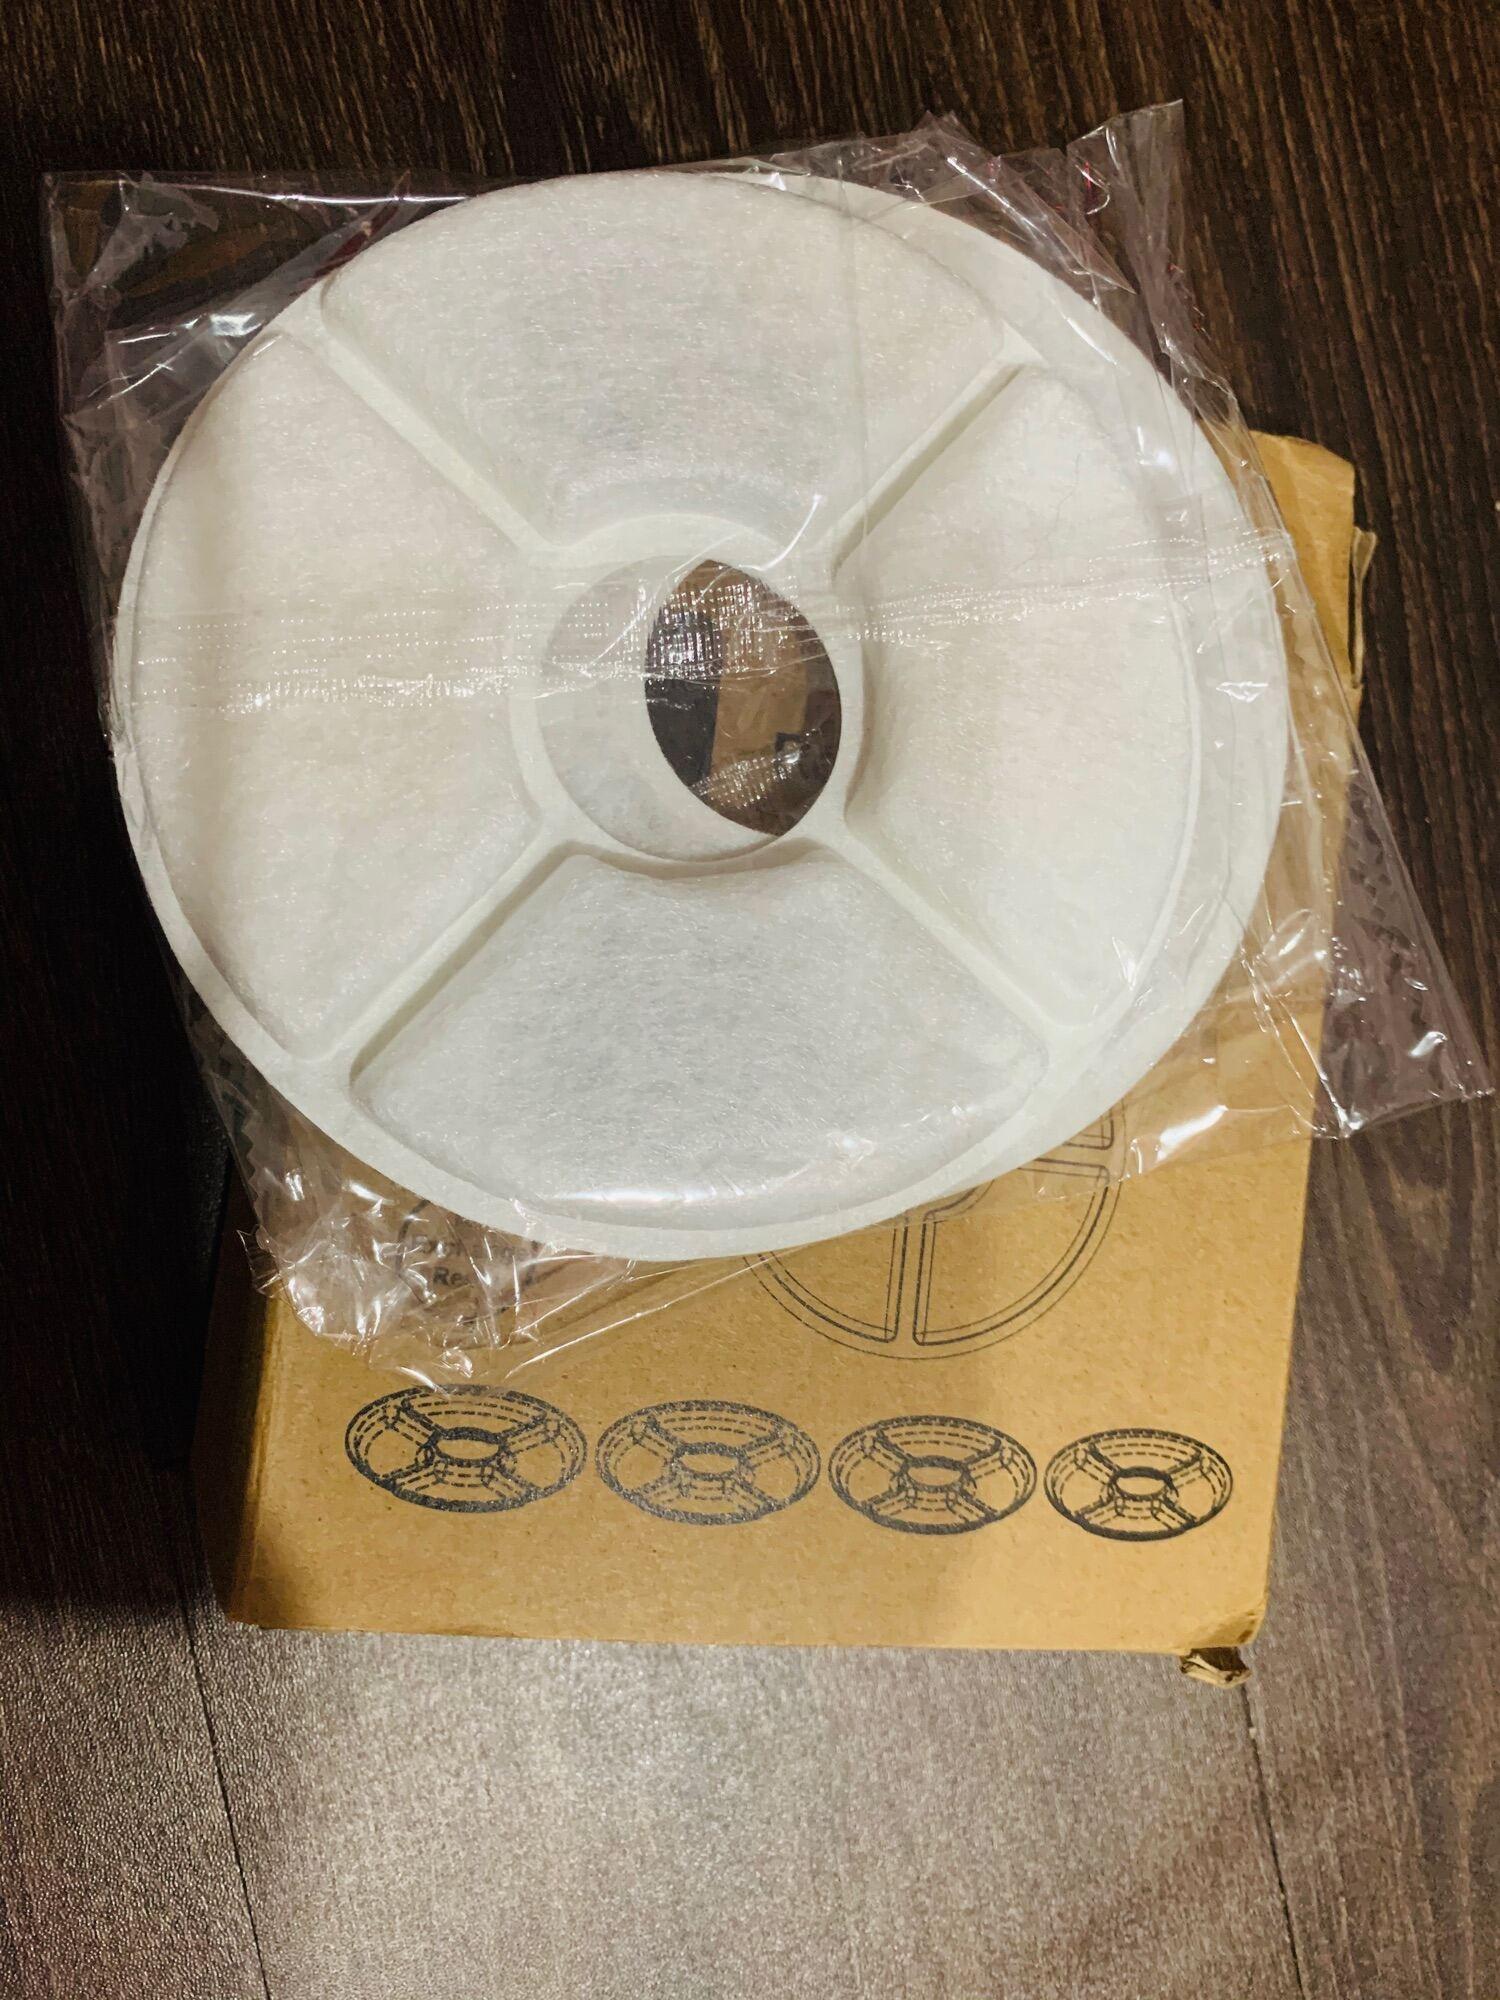 Miếng lọc thay thế miếng lọc trong máy lọc nước cho mèo